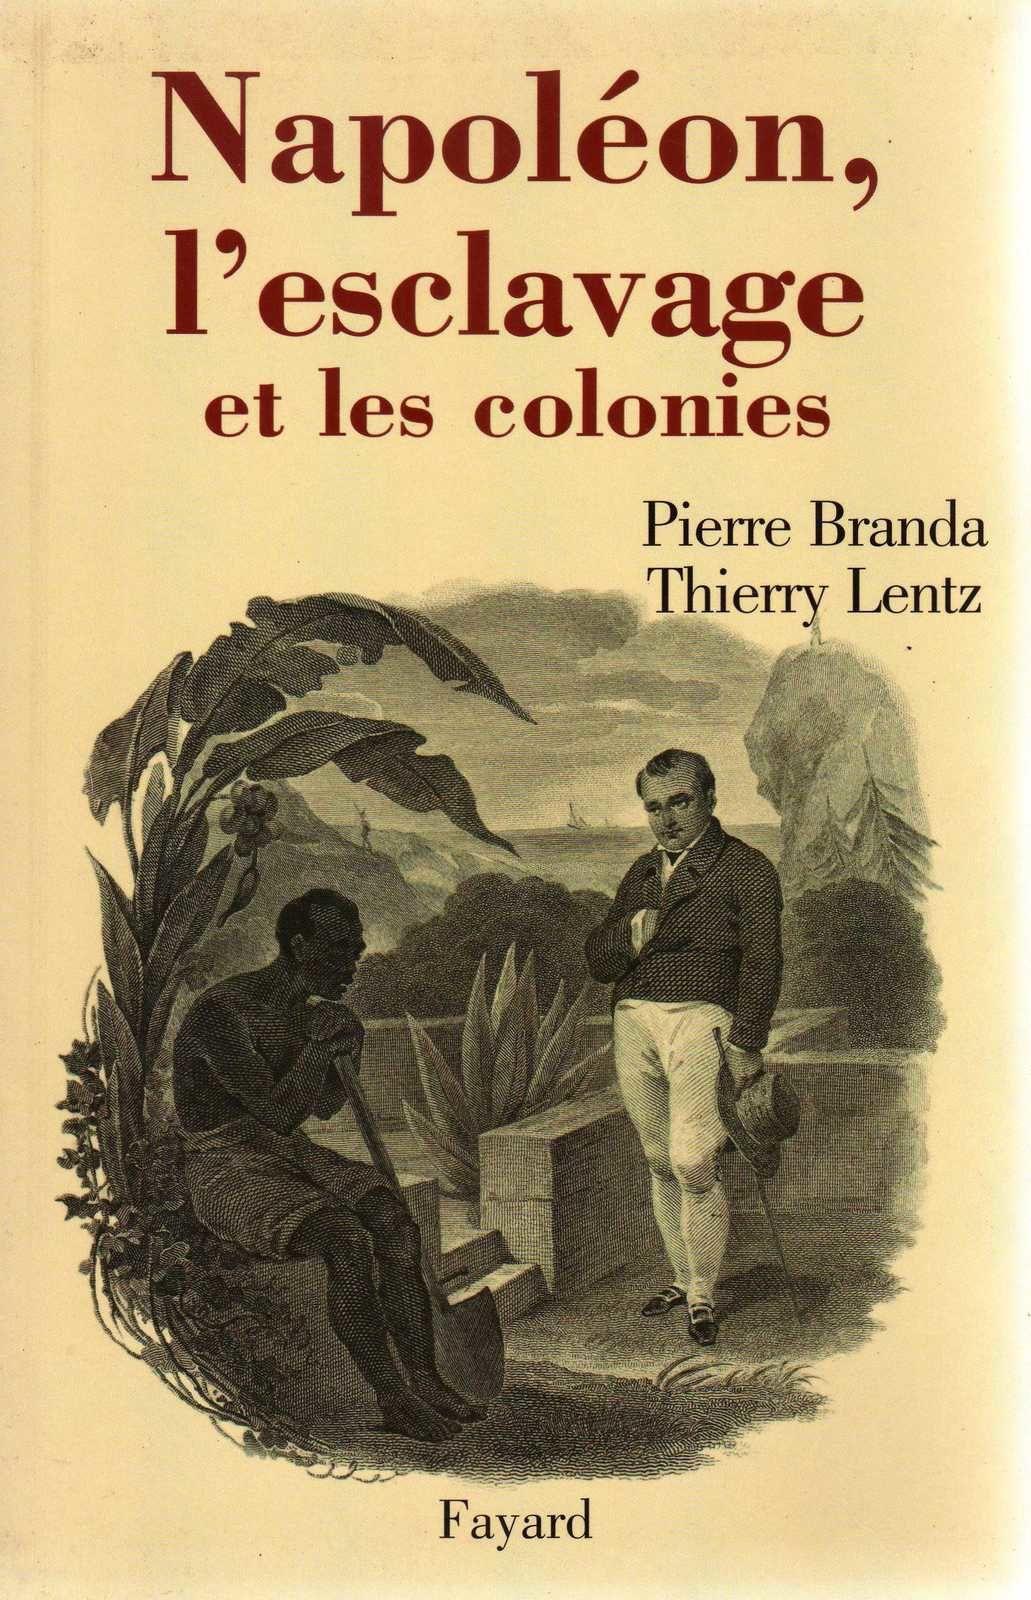 Napoléon, l'esclavage et les colonies.